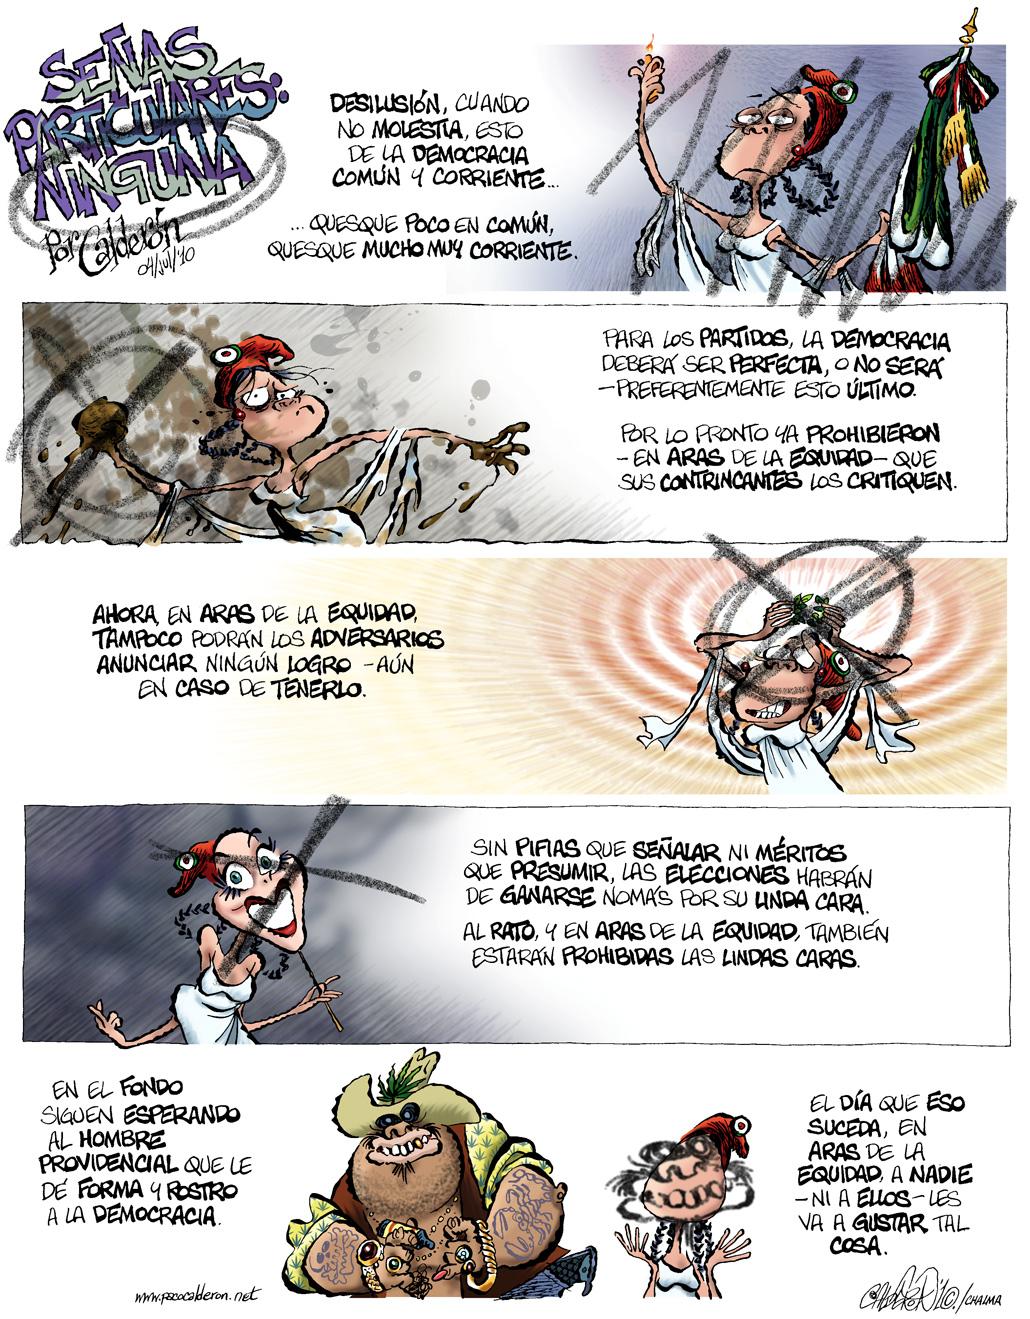 Señas particulares: Ninguna - Calderón